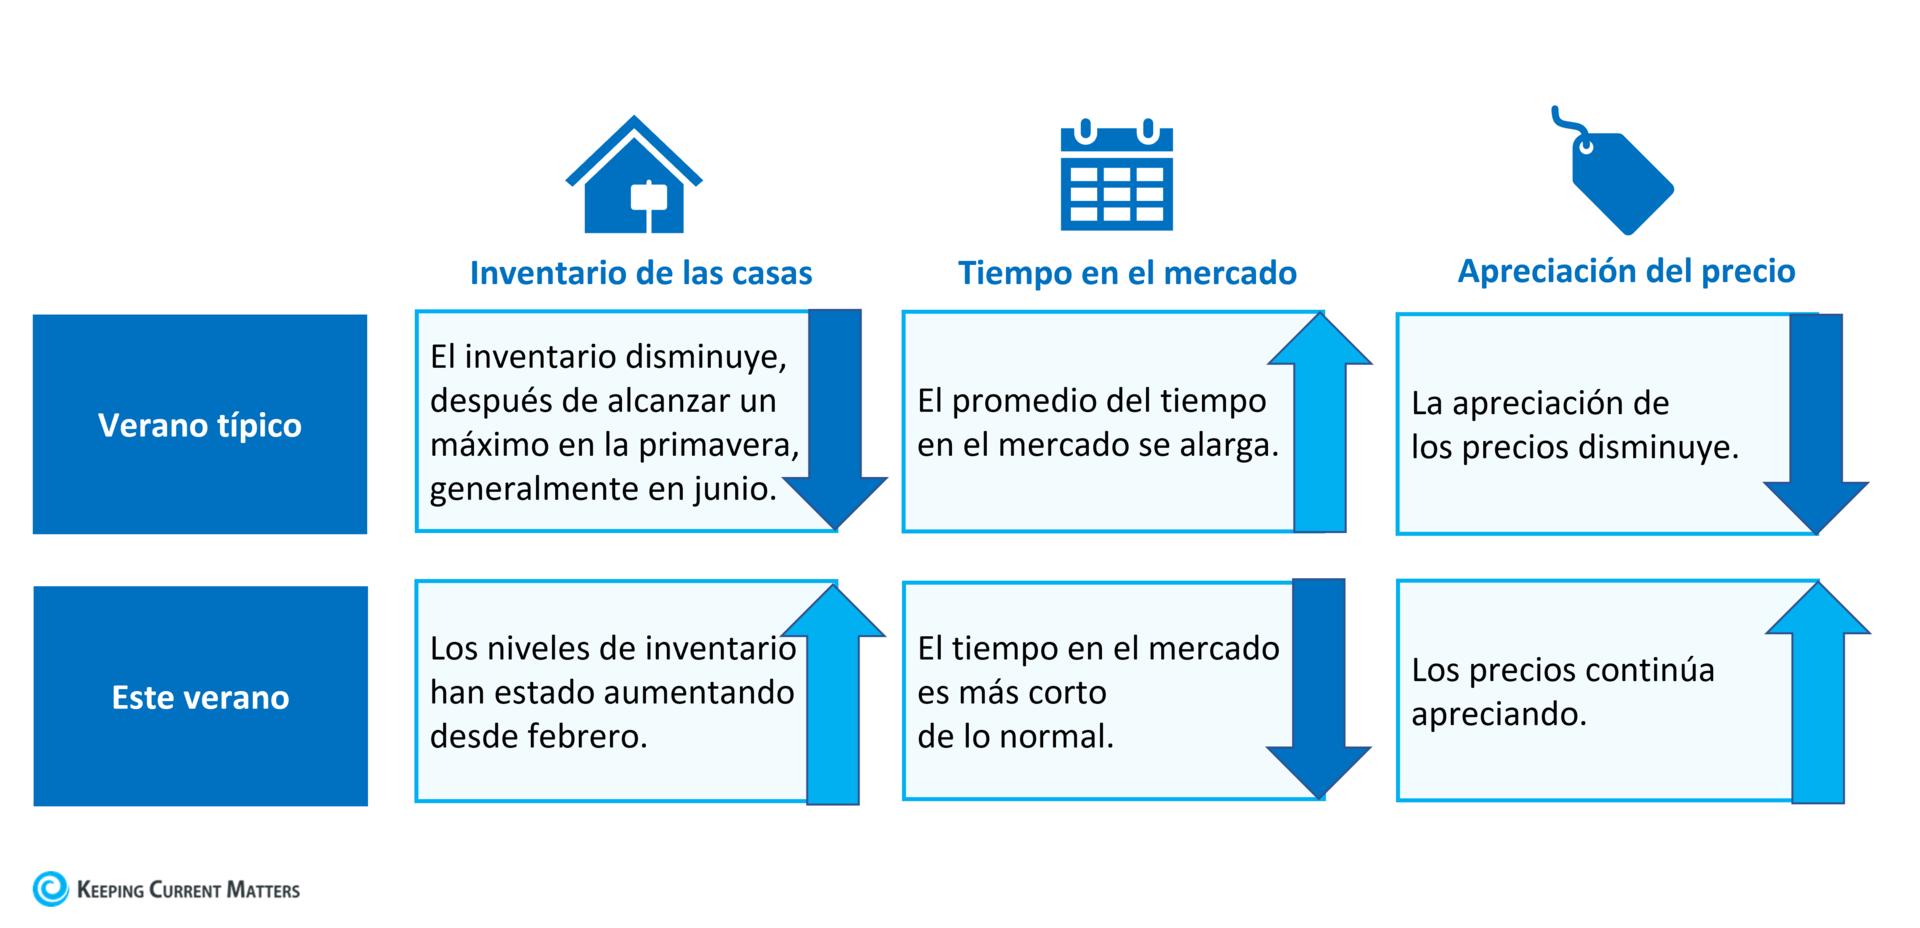 Por qué este no es su mercado de la vivienda típico del verano | Keeping Current Matters